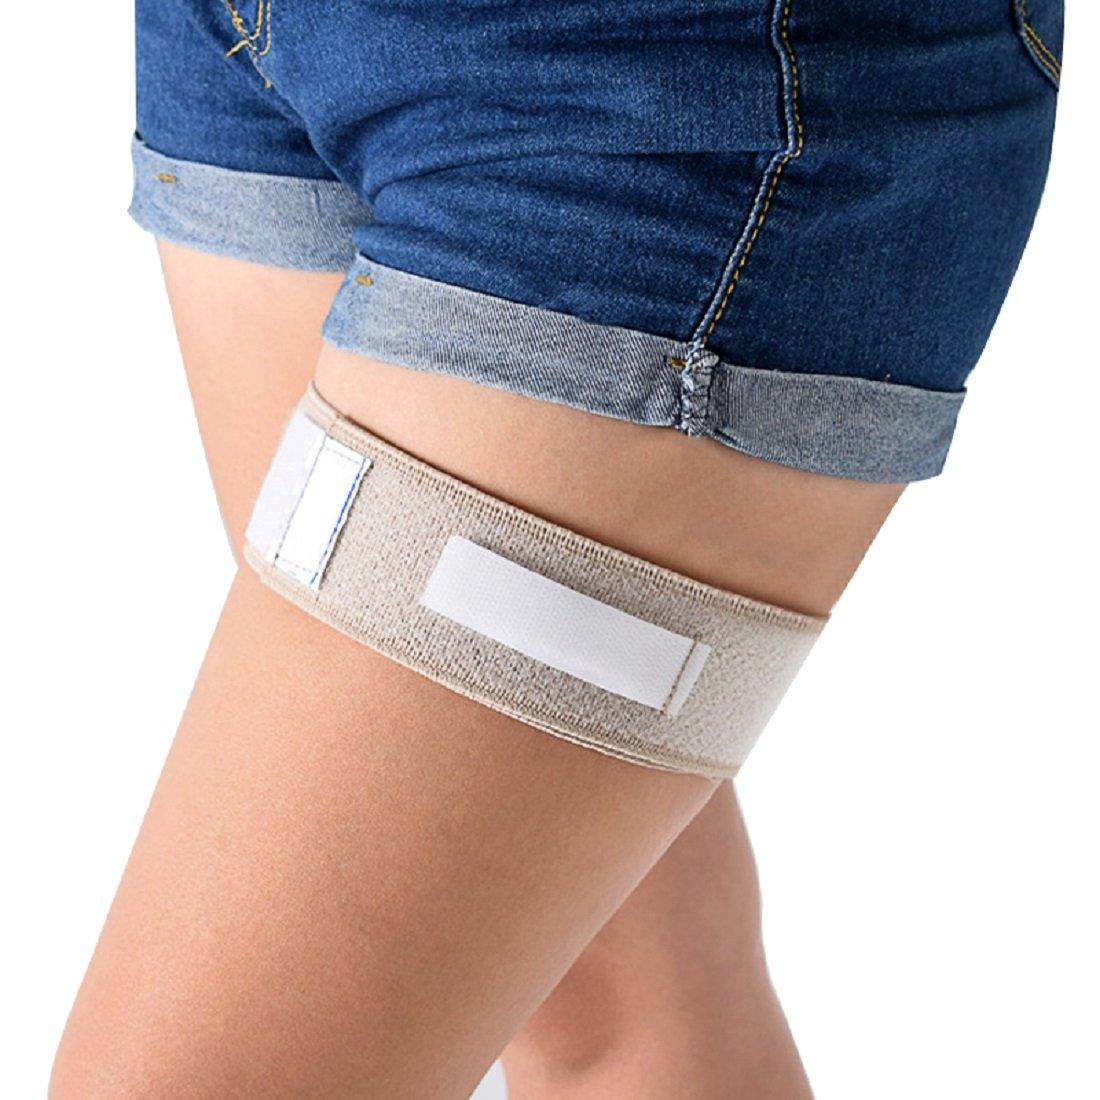 Tinsay Catheter Fixation Tape Catheter Leg Holder Catheter Holder Catheter Leg Strap Urinary Incontinence Supplies Catheter Leg Band Strap Wrap Tube Bag Holder